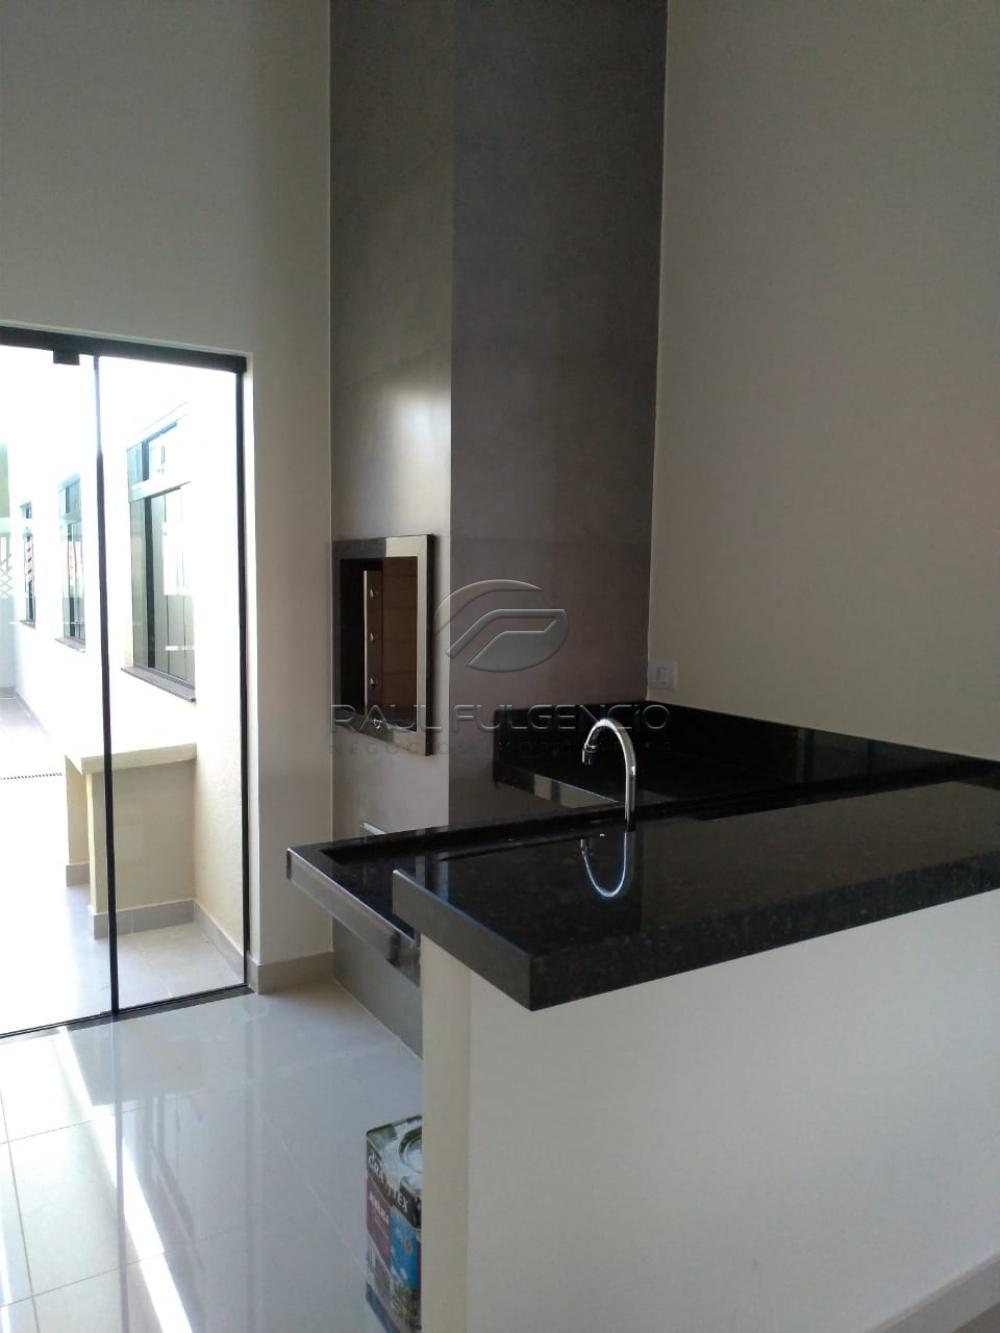 Comprar Casa / Térrea em Londrina apenas R$ 275.000,00 - Foto 6